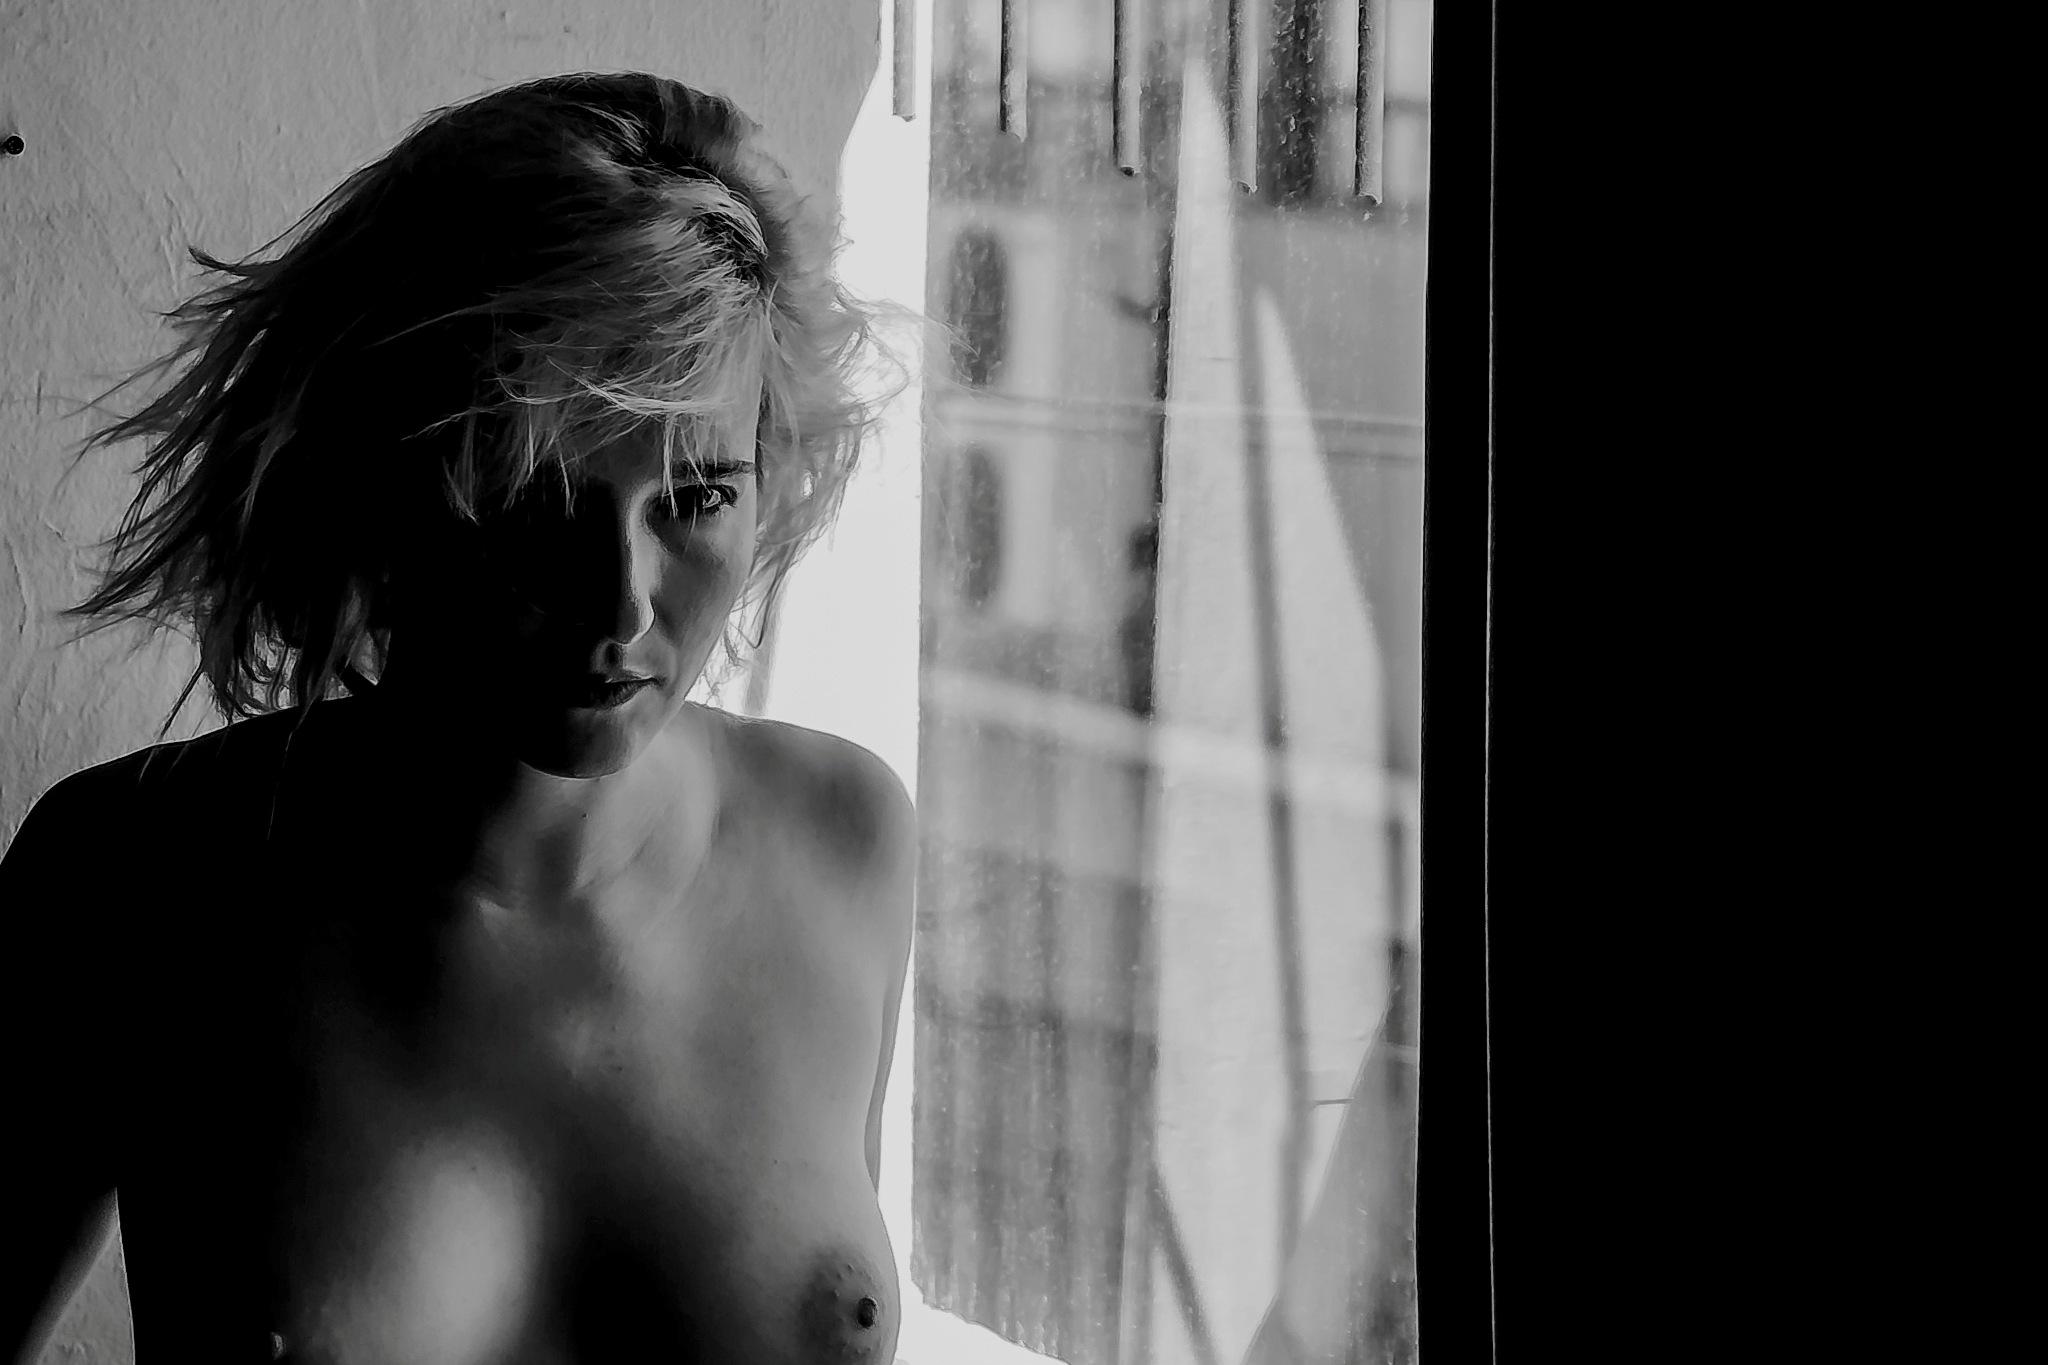 Untitled by Ori Jimmy Galon